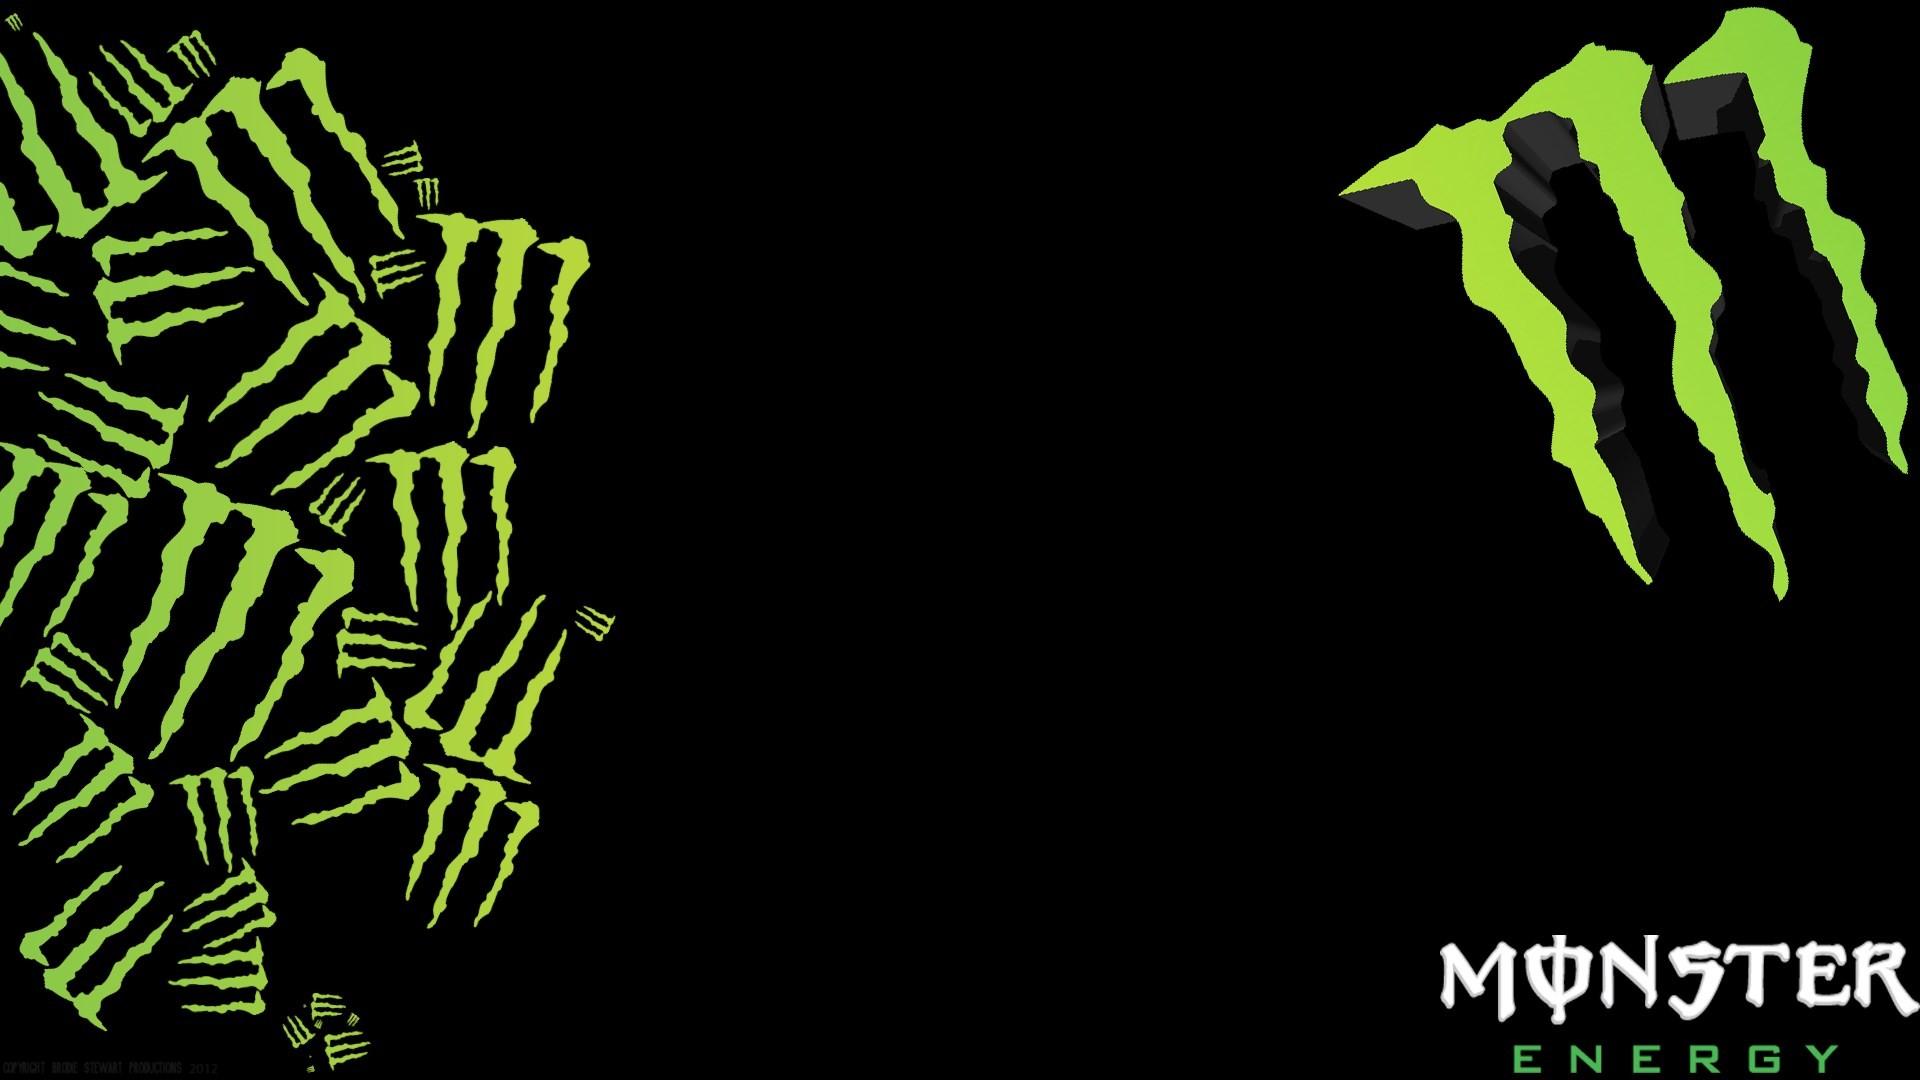 monster energy wallpaper for computer 183��